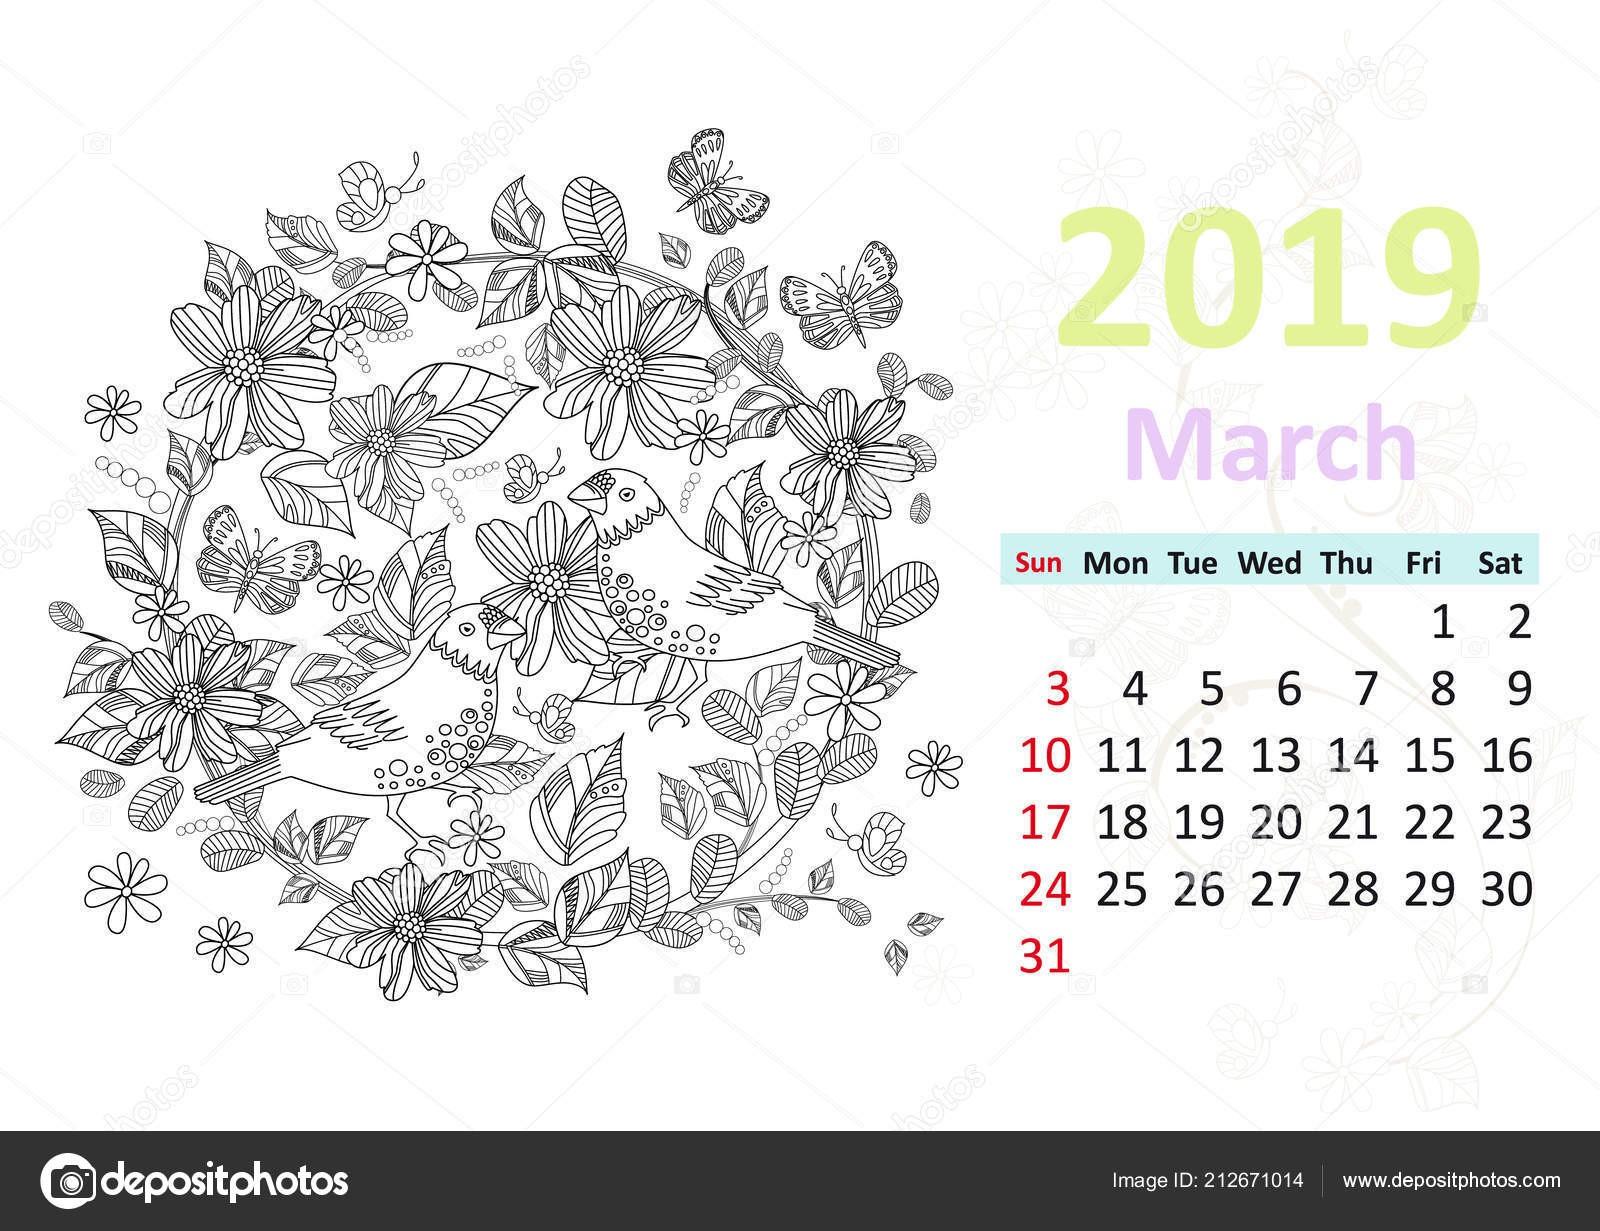 March Calendar Clip Art Más Recientemente Liberado Kolorystyka Strony Kalendarza Marca 2019 Ptaki Siedzą Kręgu Kwiat Of March Calendar Clip Art Más Arriba-a-fecha Luxury Employee Schedule Template Excel